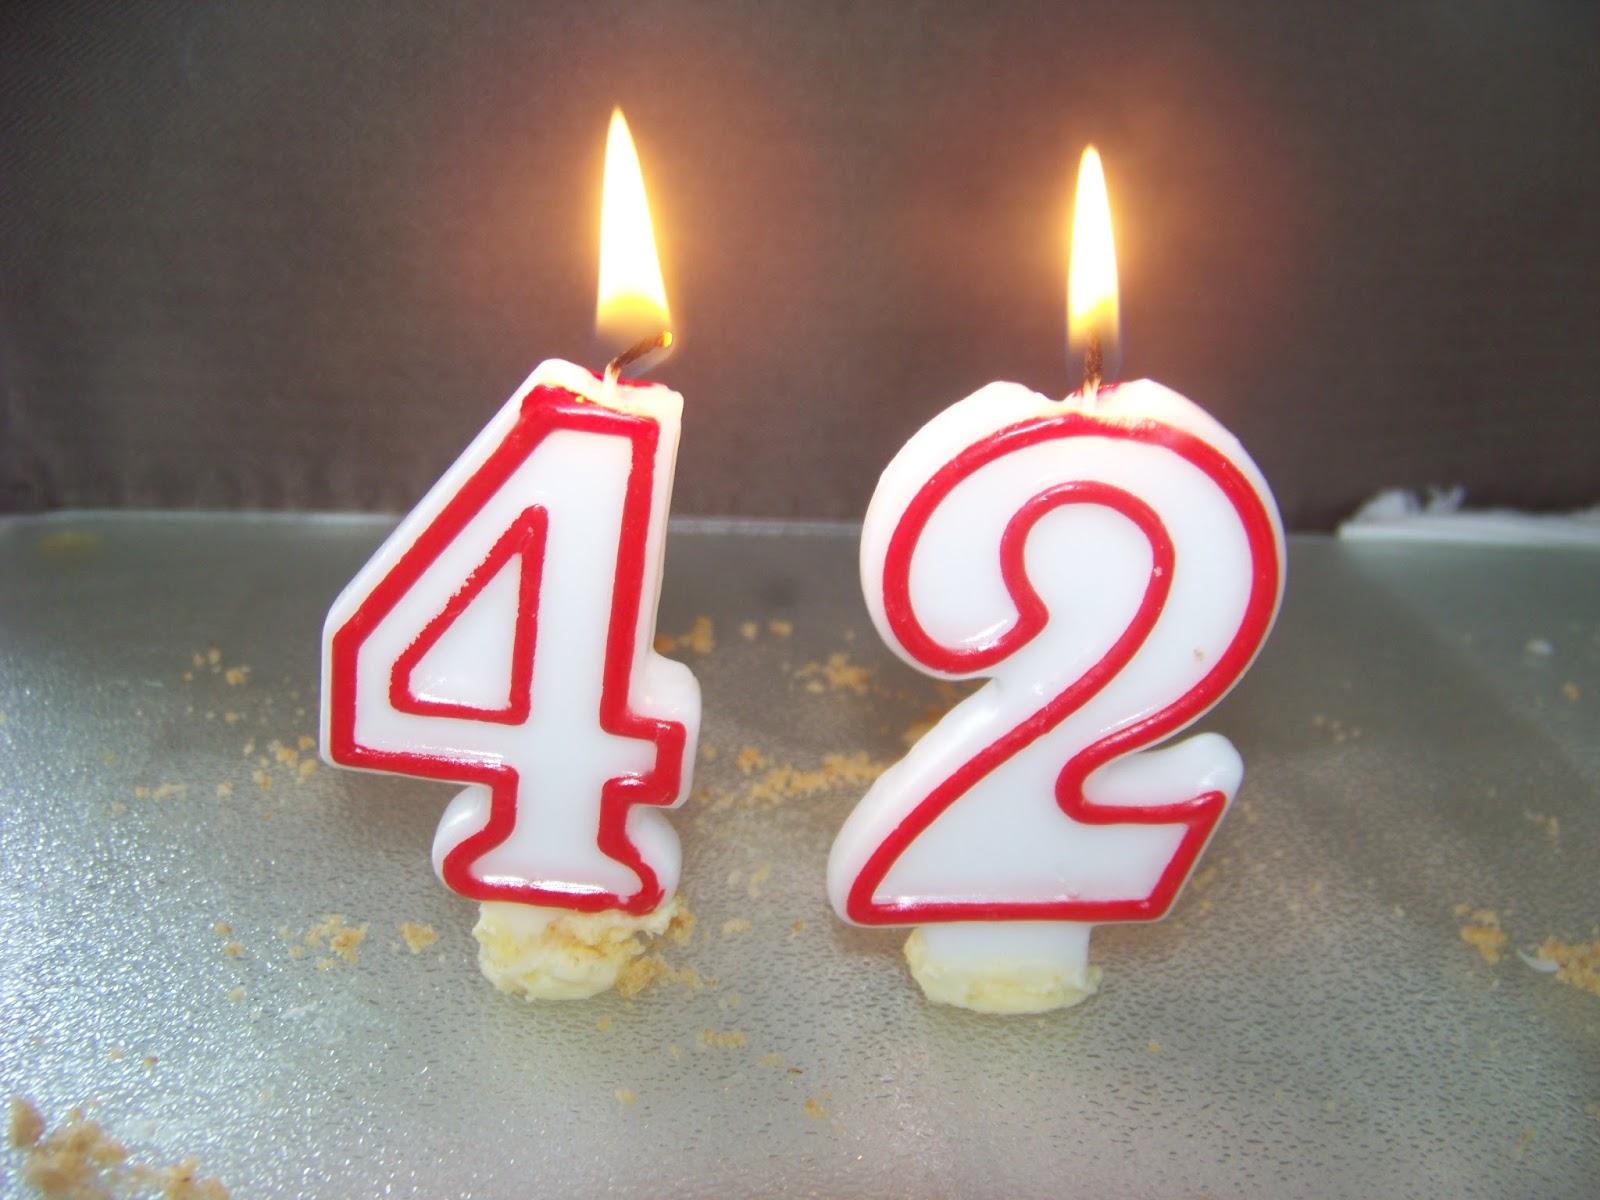 Поздравительные открытки к дню рождения 33 года женщине